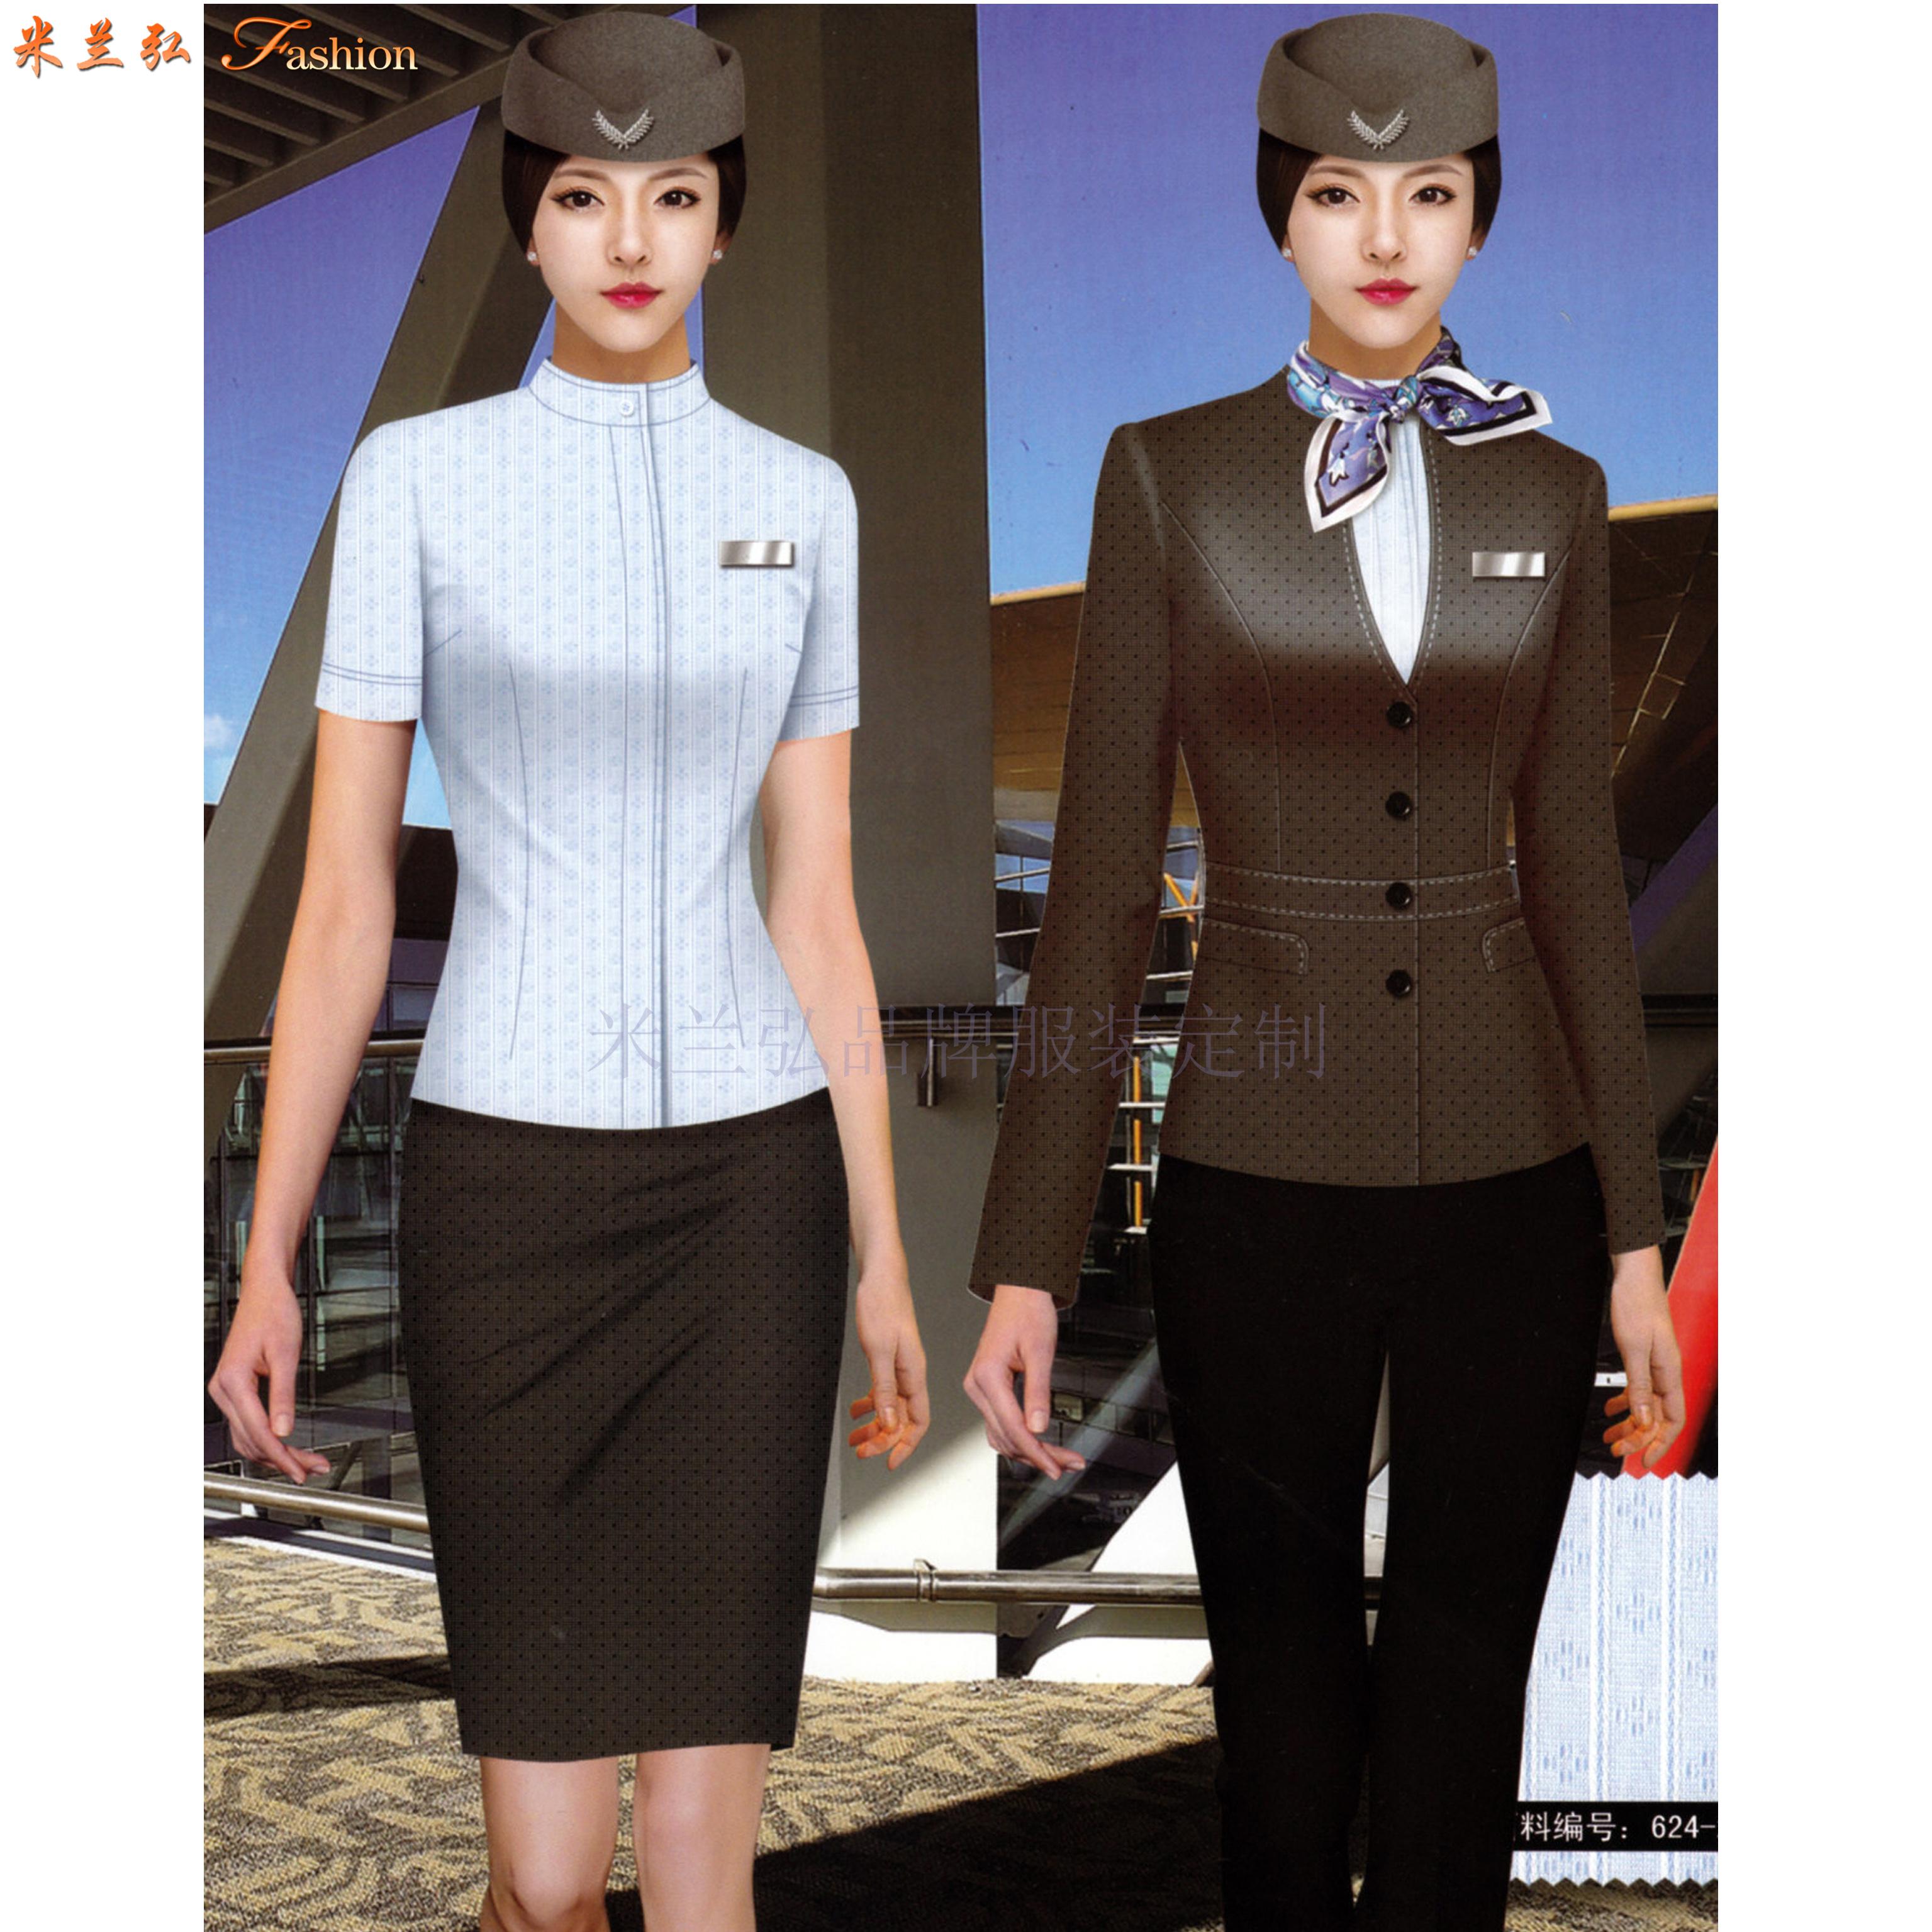 -高鐵服裝-采購批發市場優質高鐵服裝價格品牌廠商_米蘭弘-4